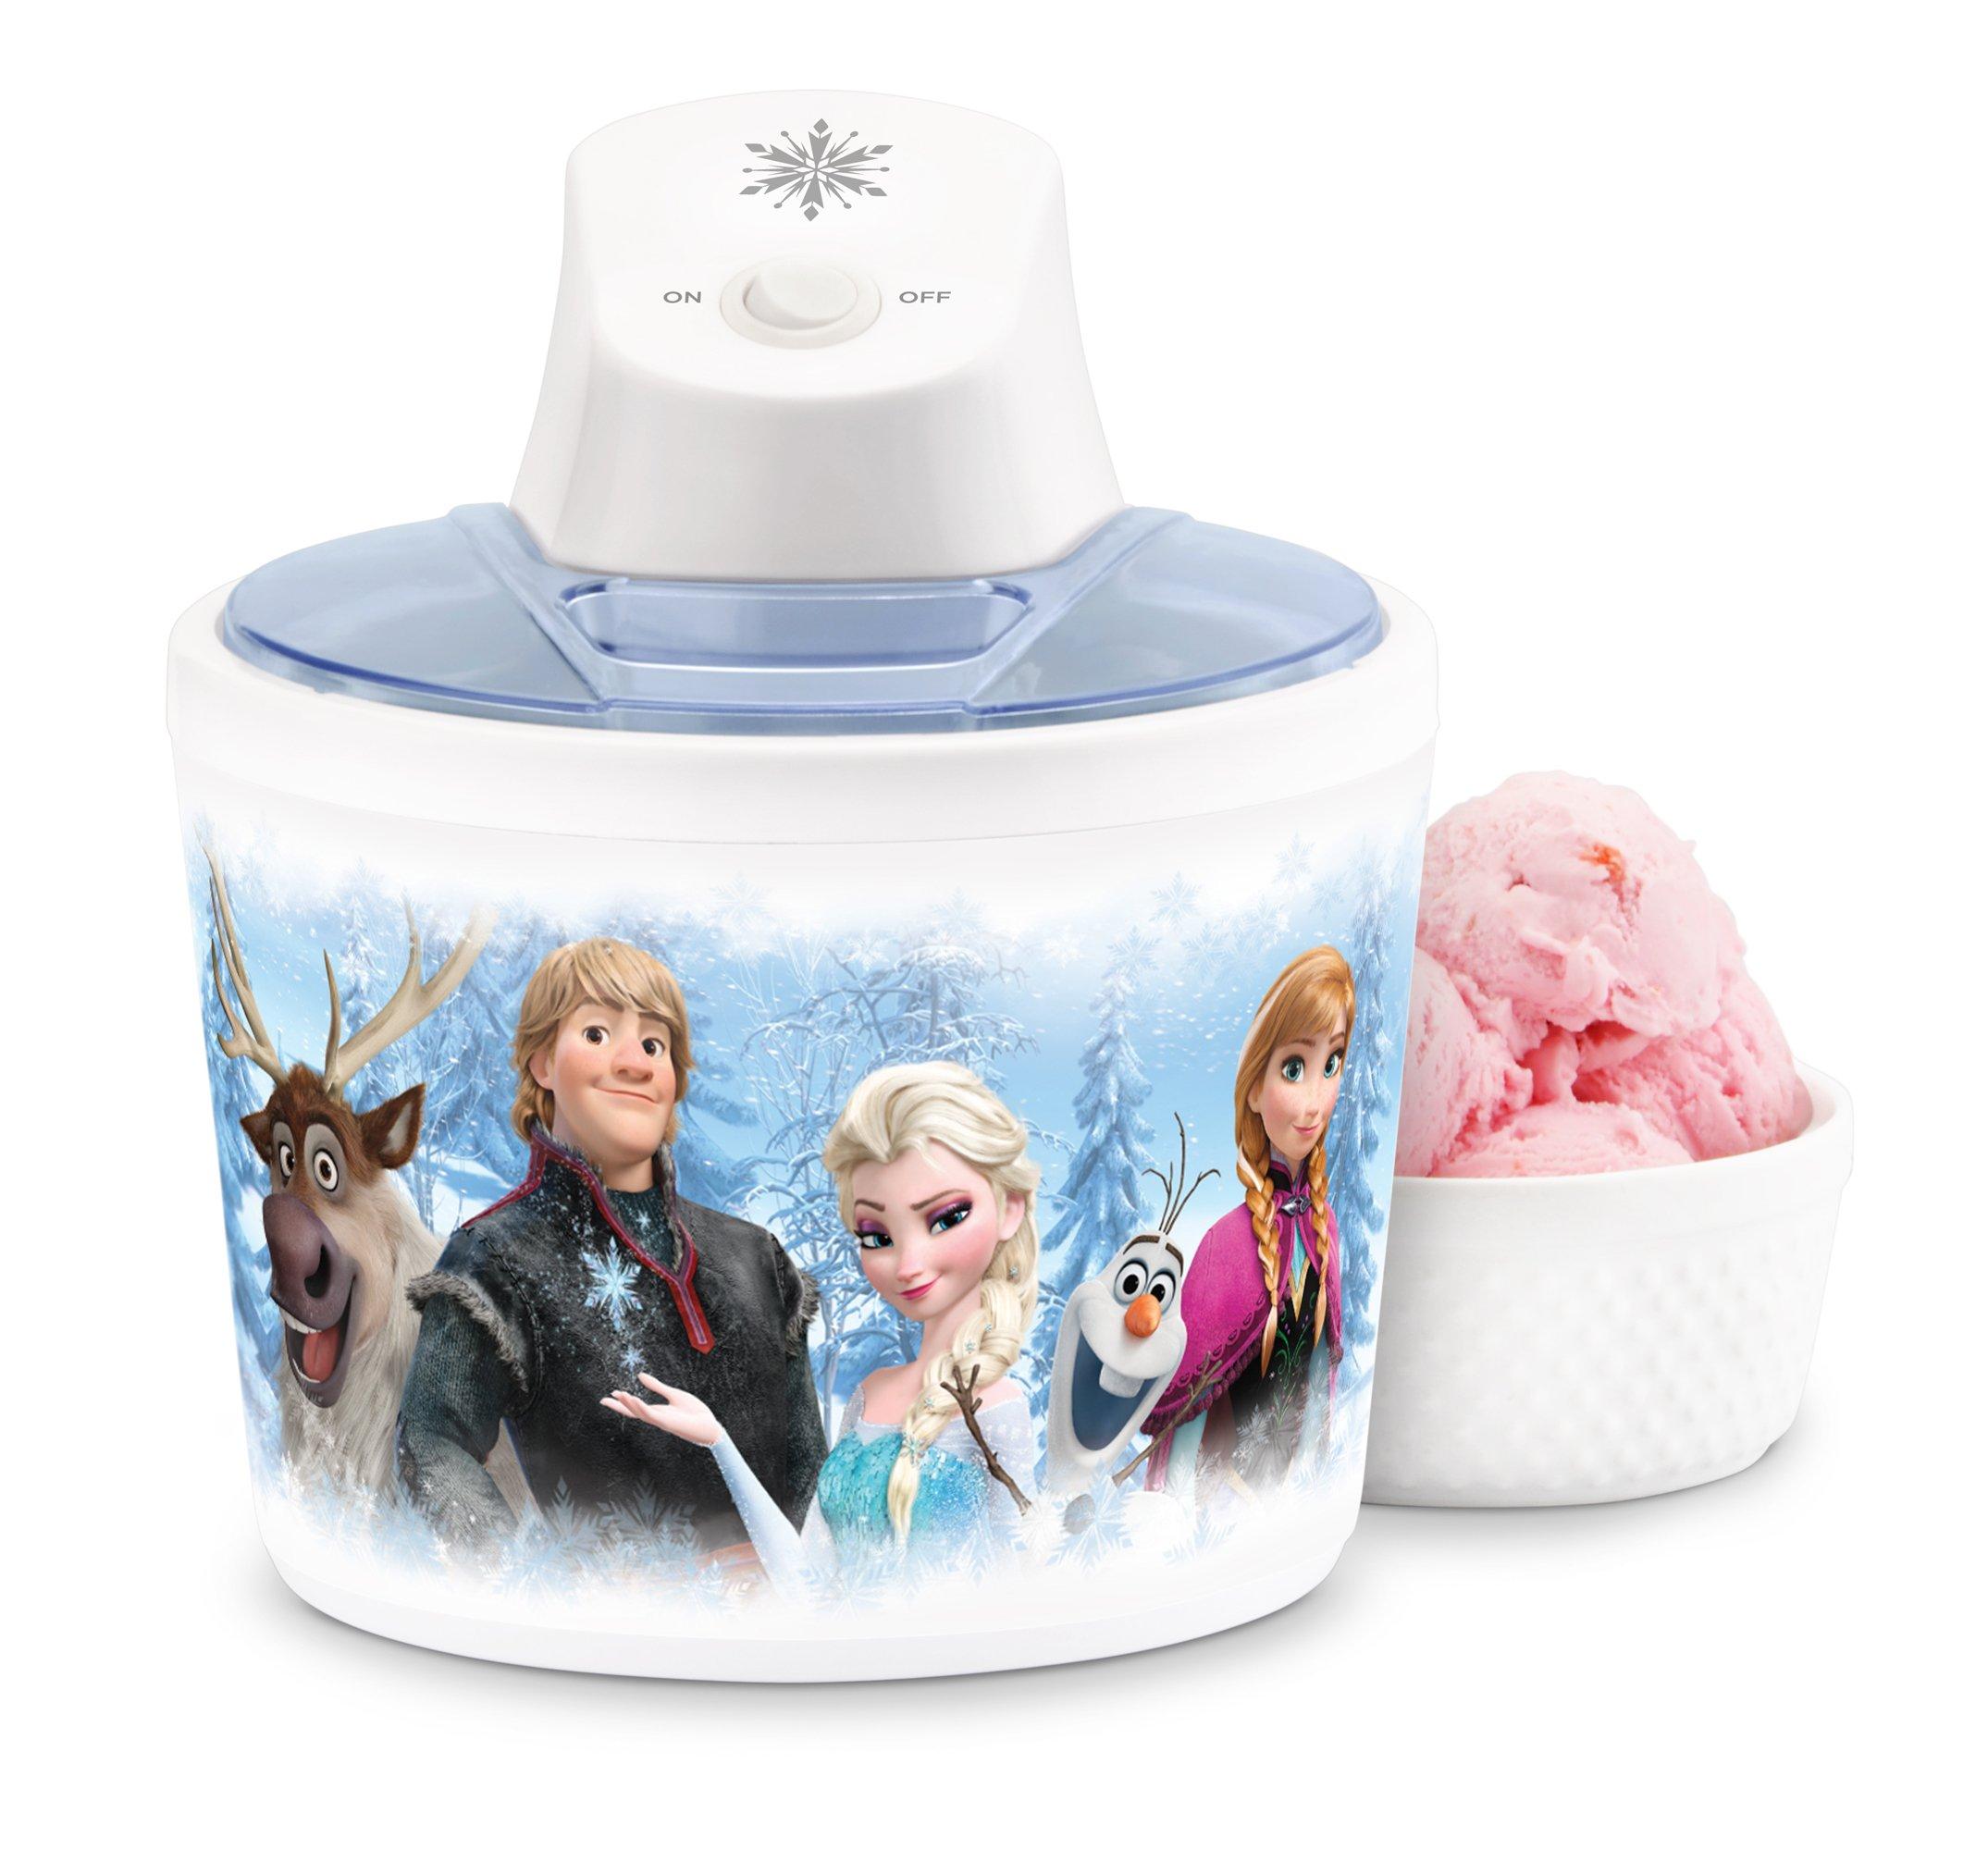 Disney DFR-14 Frozen Ice Cream Maker, White